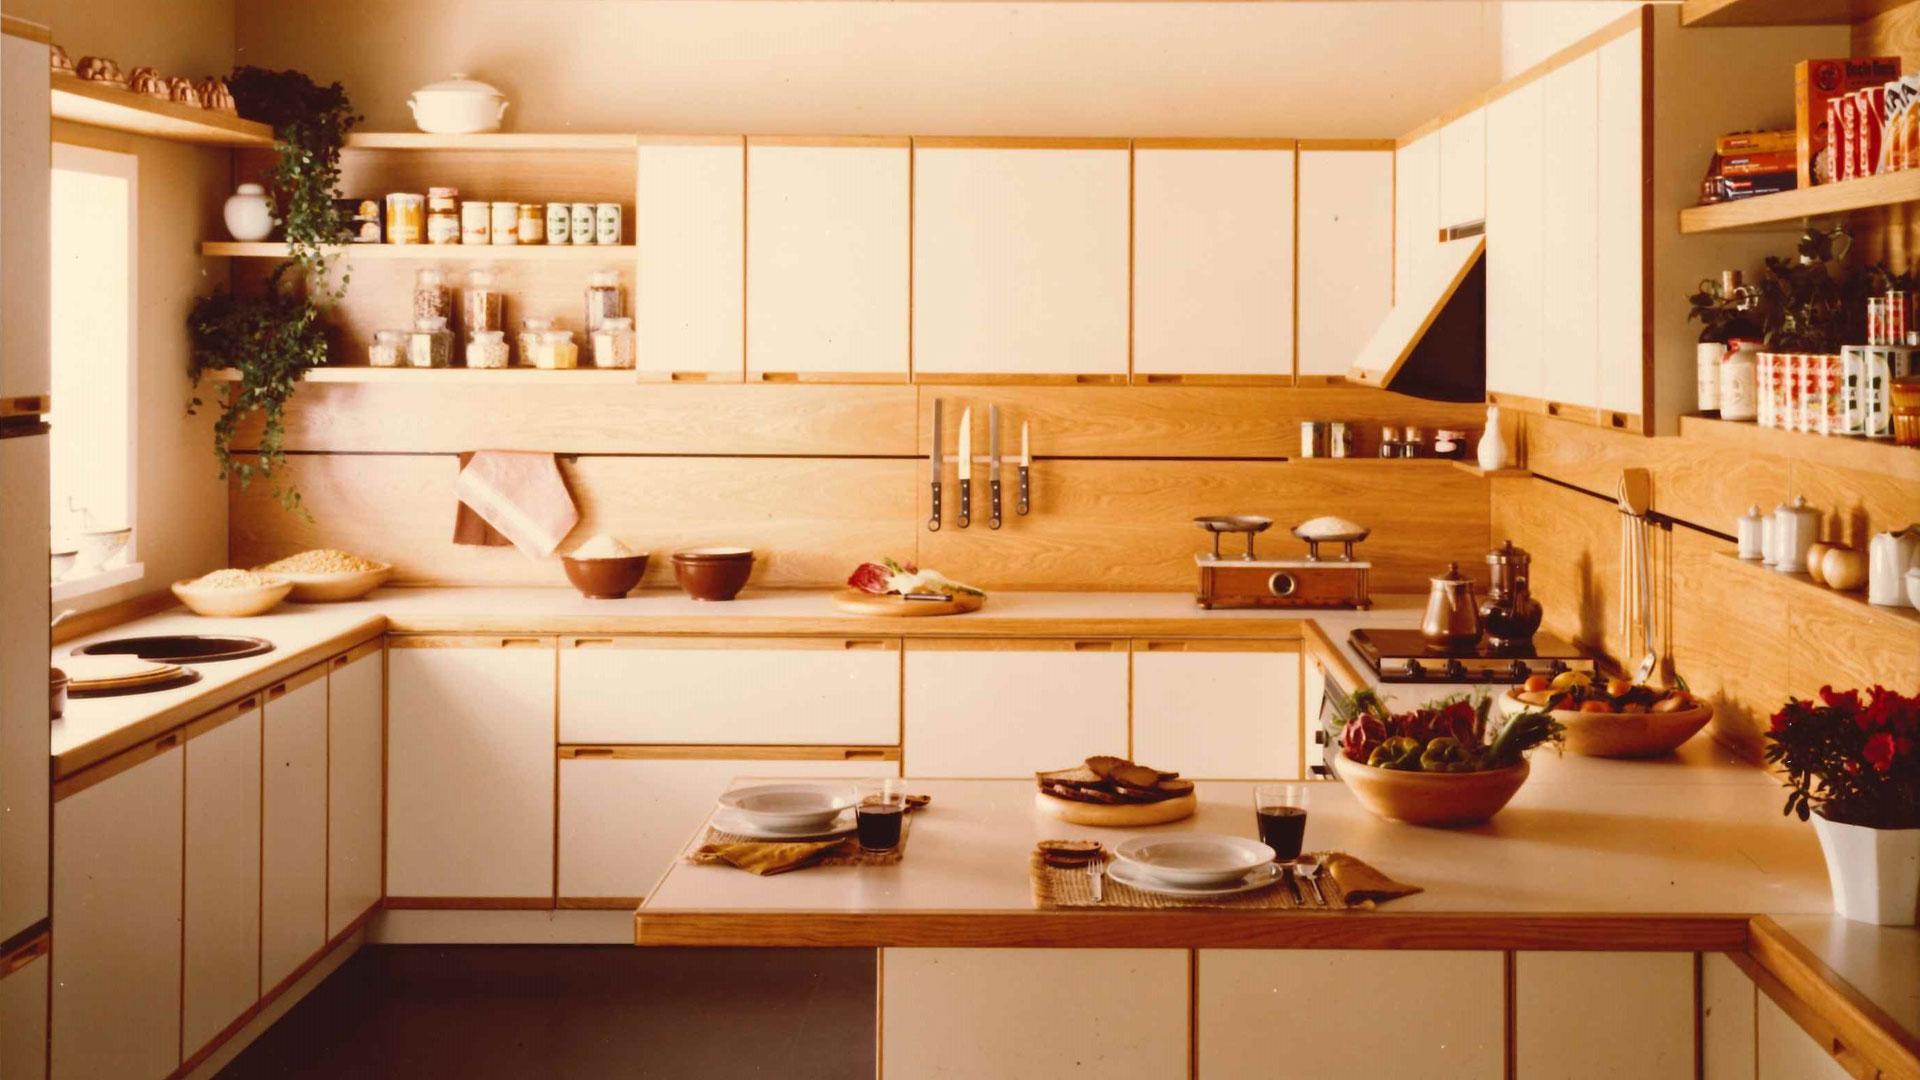 Cucina Anni 80 : Cucina anni 80: le case di viveredentro viveredentro pagina 3